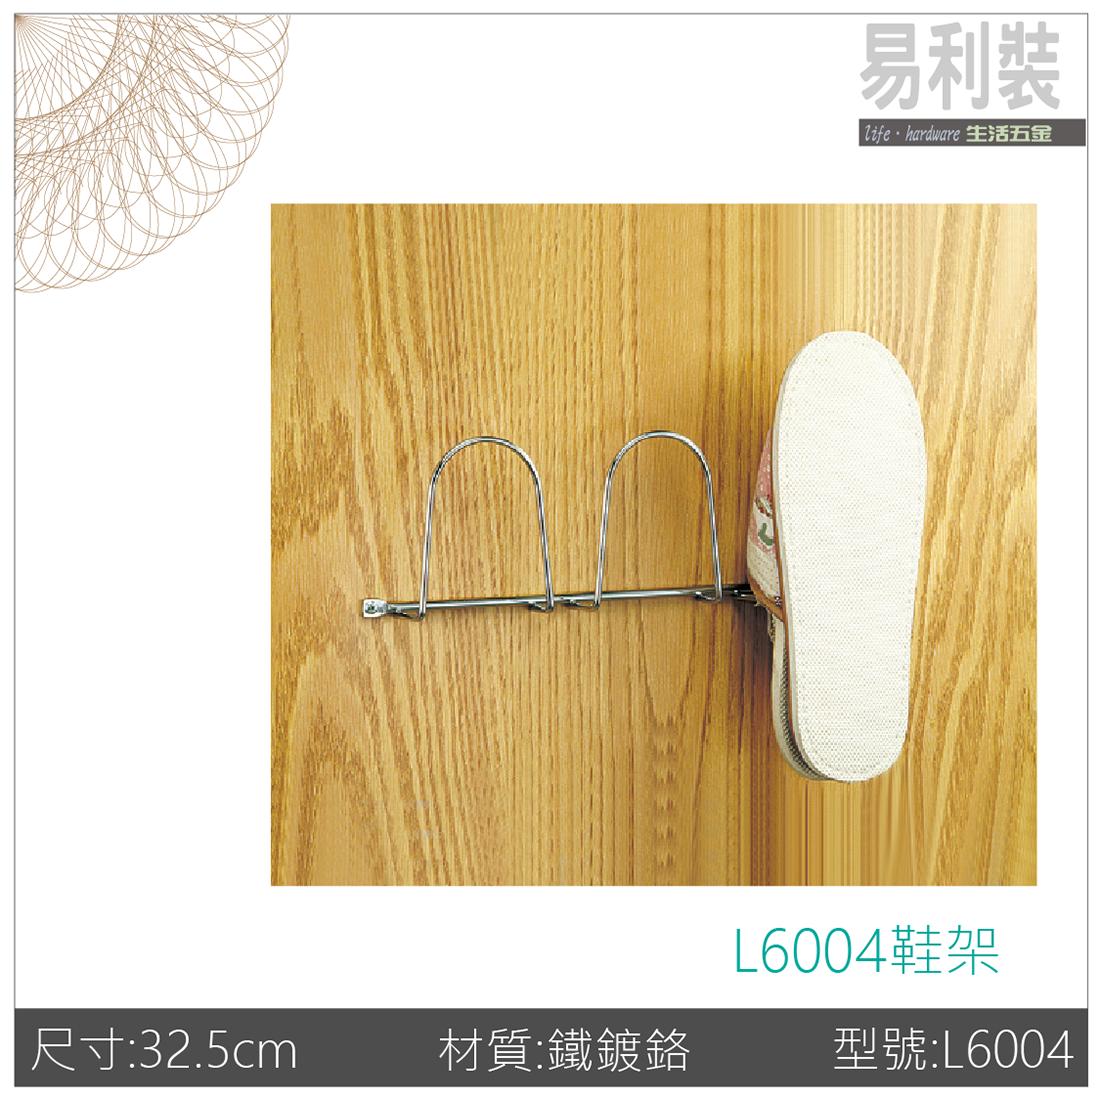 【 EASYCAN  】L6004 鞋架 易利裝生活五金 餐廳 廚房 房間 臥房 客廳 小資族 辦公家具 系統家具 - 限時優惠好康折扣